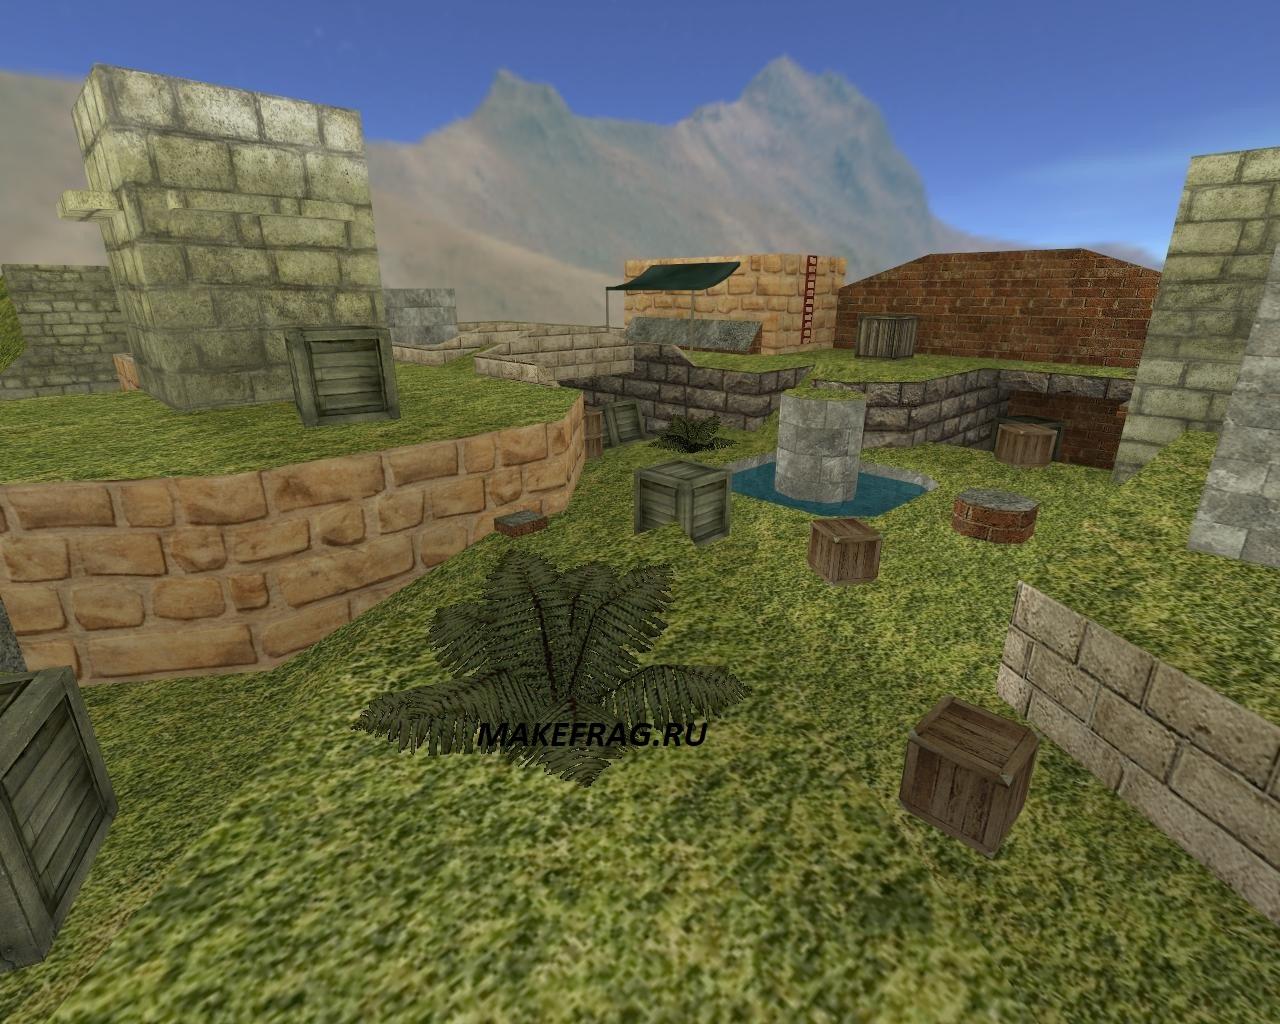 Карта rayish_brick-world